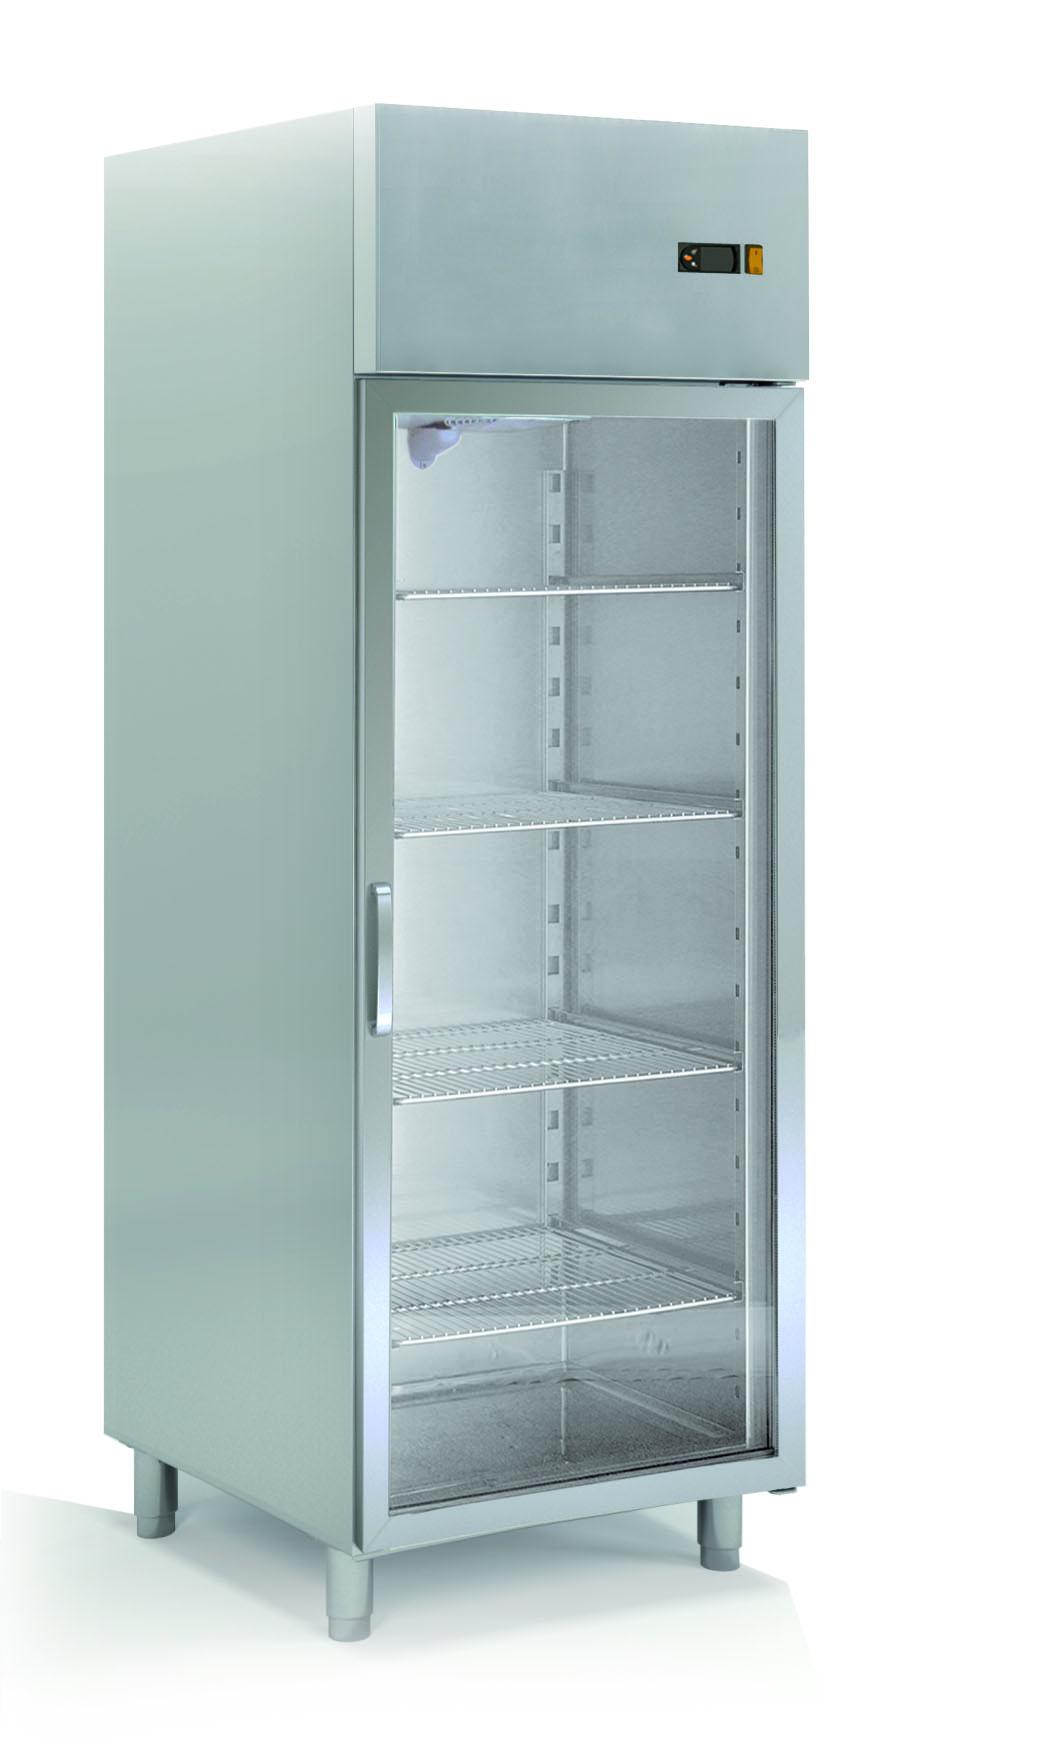 Kühlschrank Profi 700 GN 2/1 - mt Glastür Online-Shop GASTRO-HERO